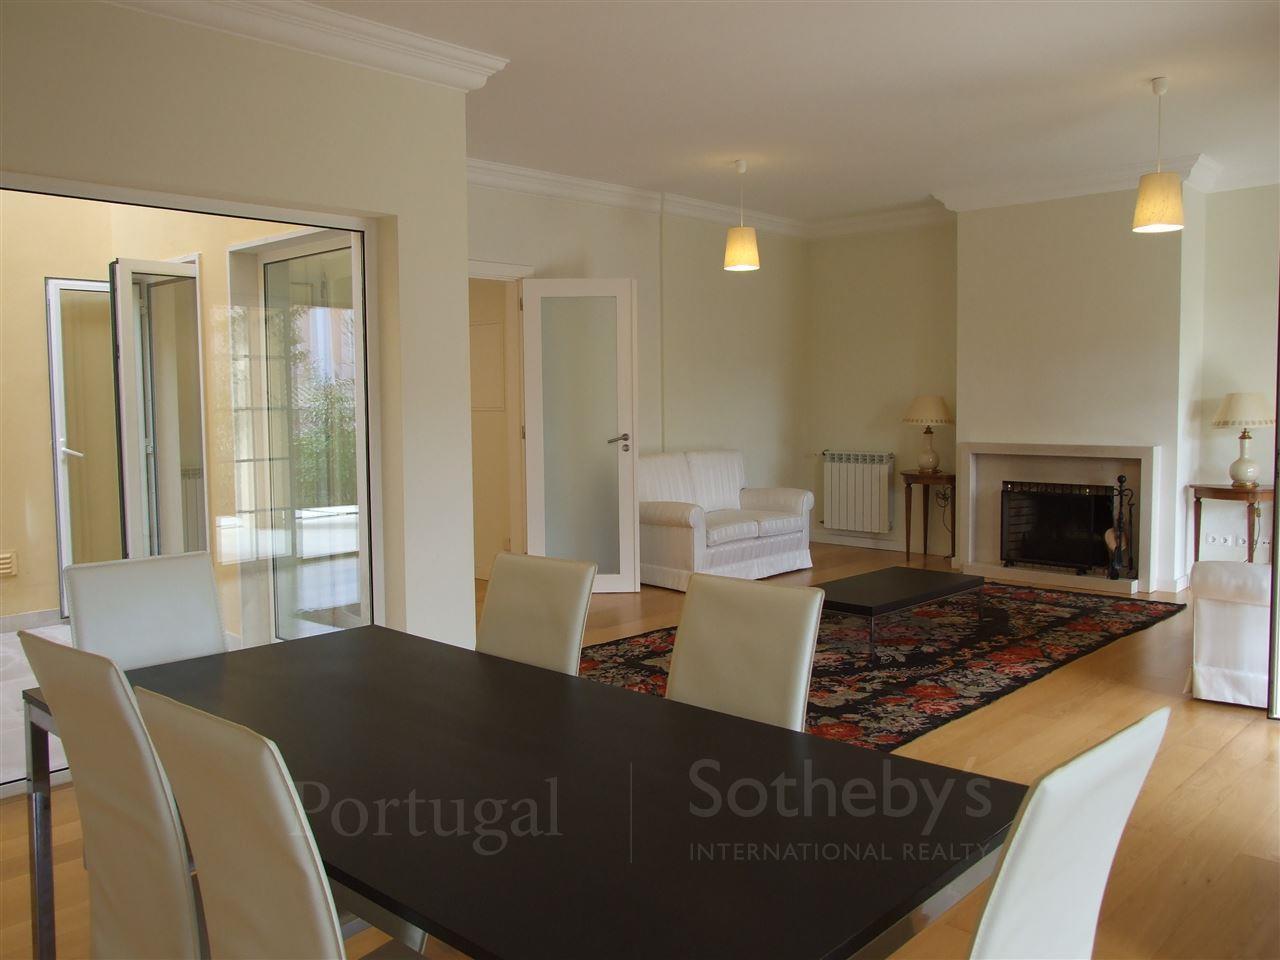 단독 가정 주택 용 매매 에 Semi-detached house, 4 bedrooms, for Sale Cascais, 리스보아 포르투갈